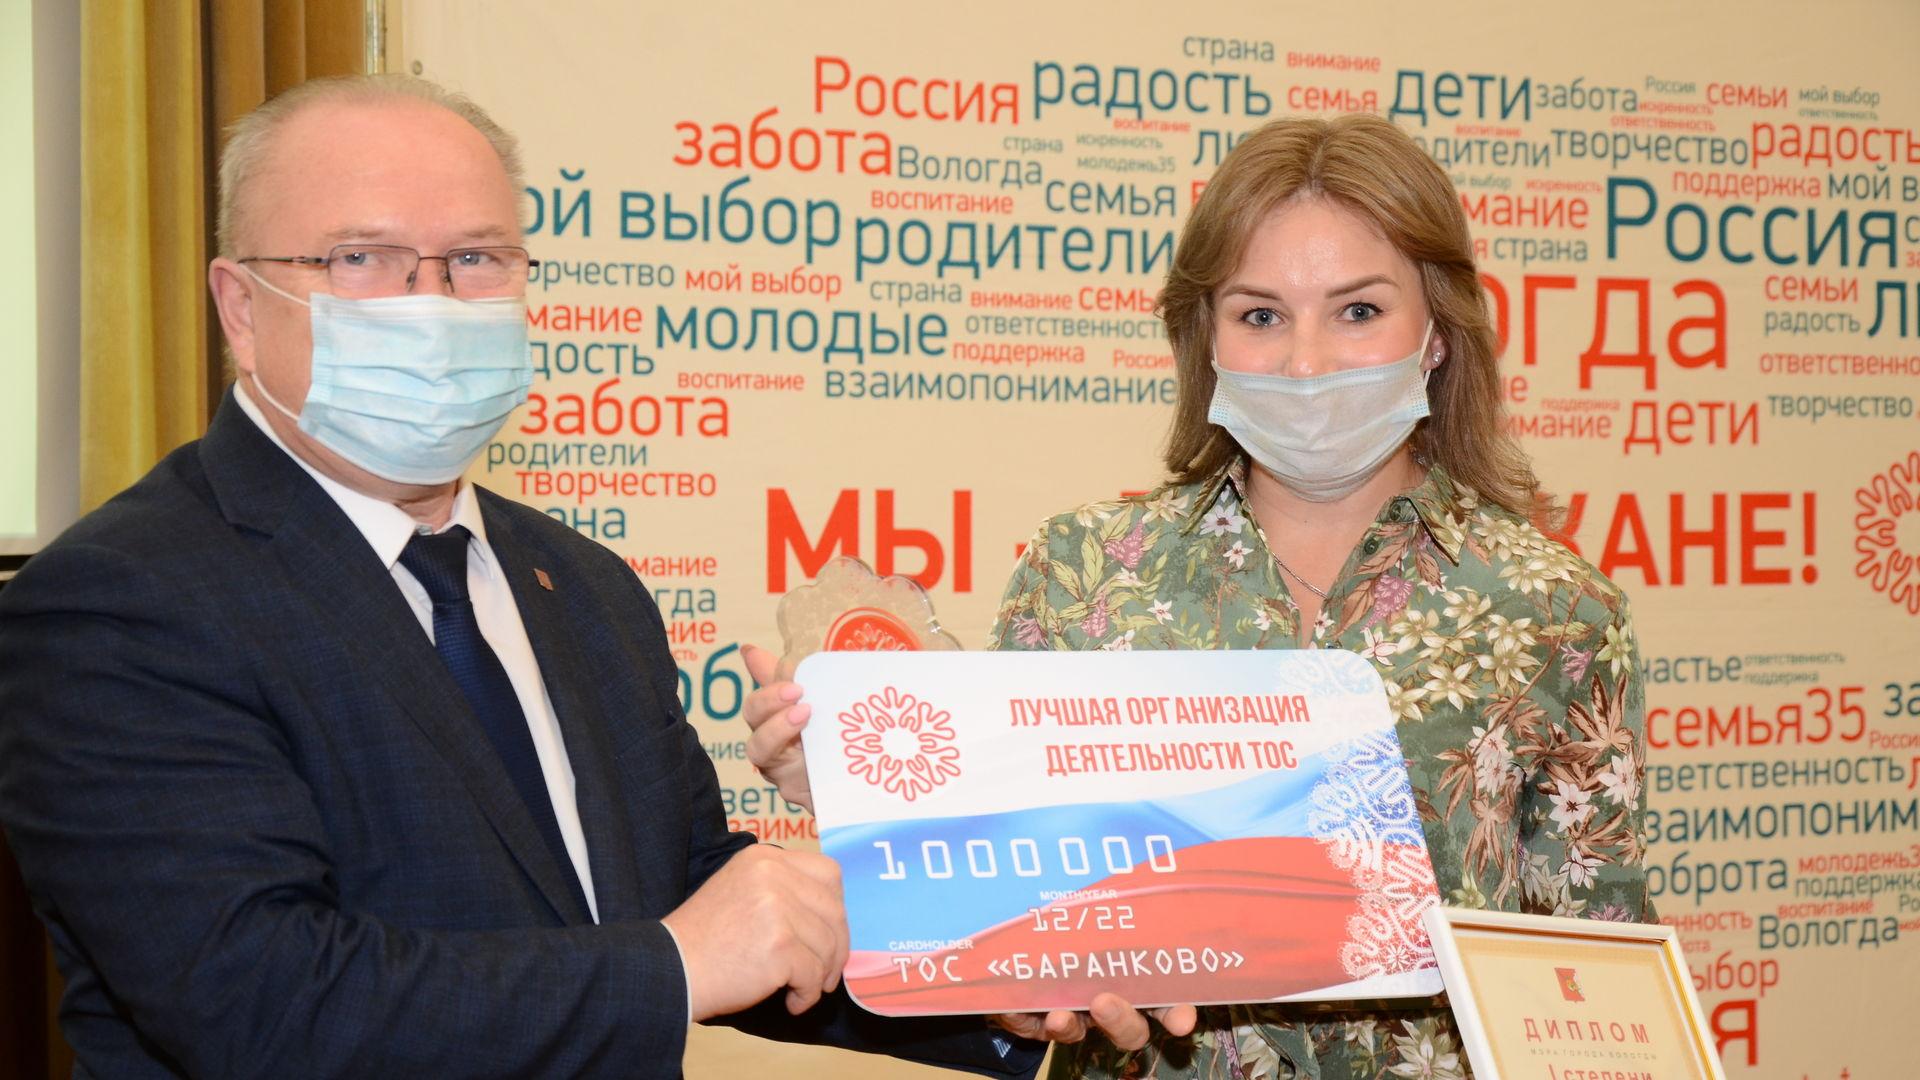 Победитель конкурса получил кубок и дополнительный 1 млн рублей